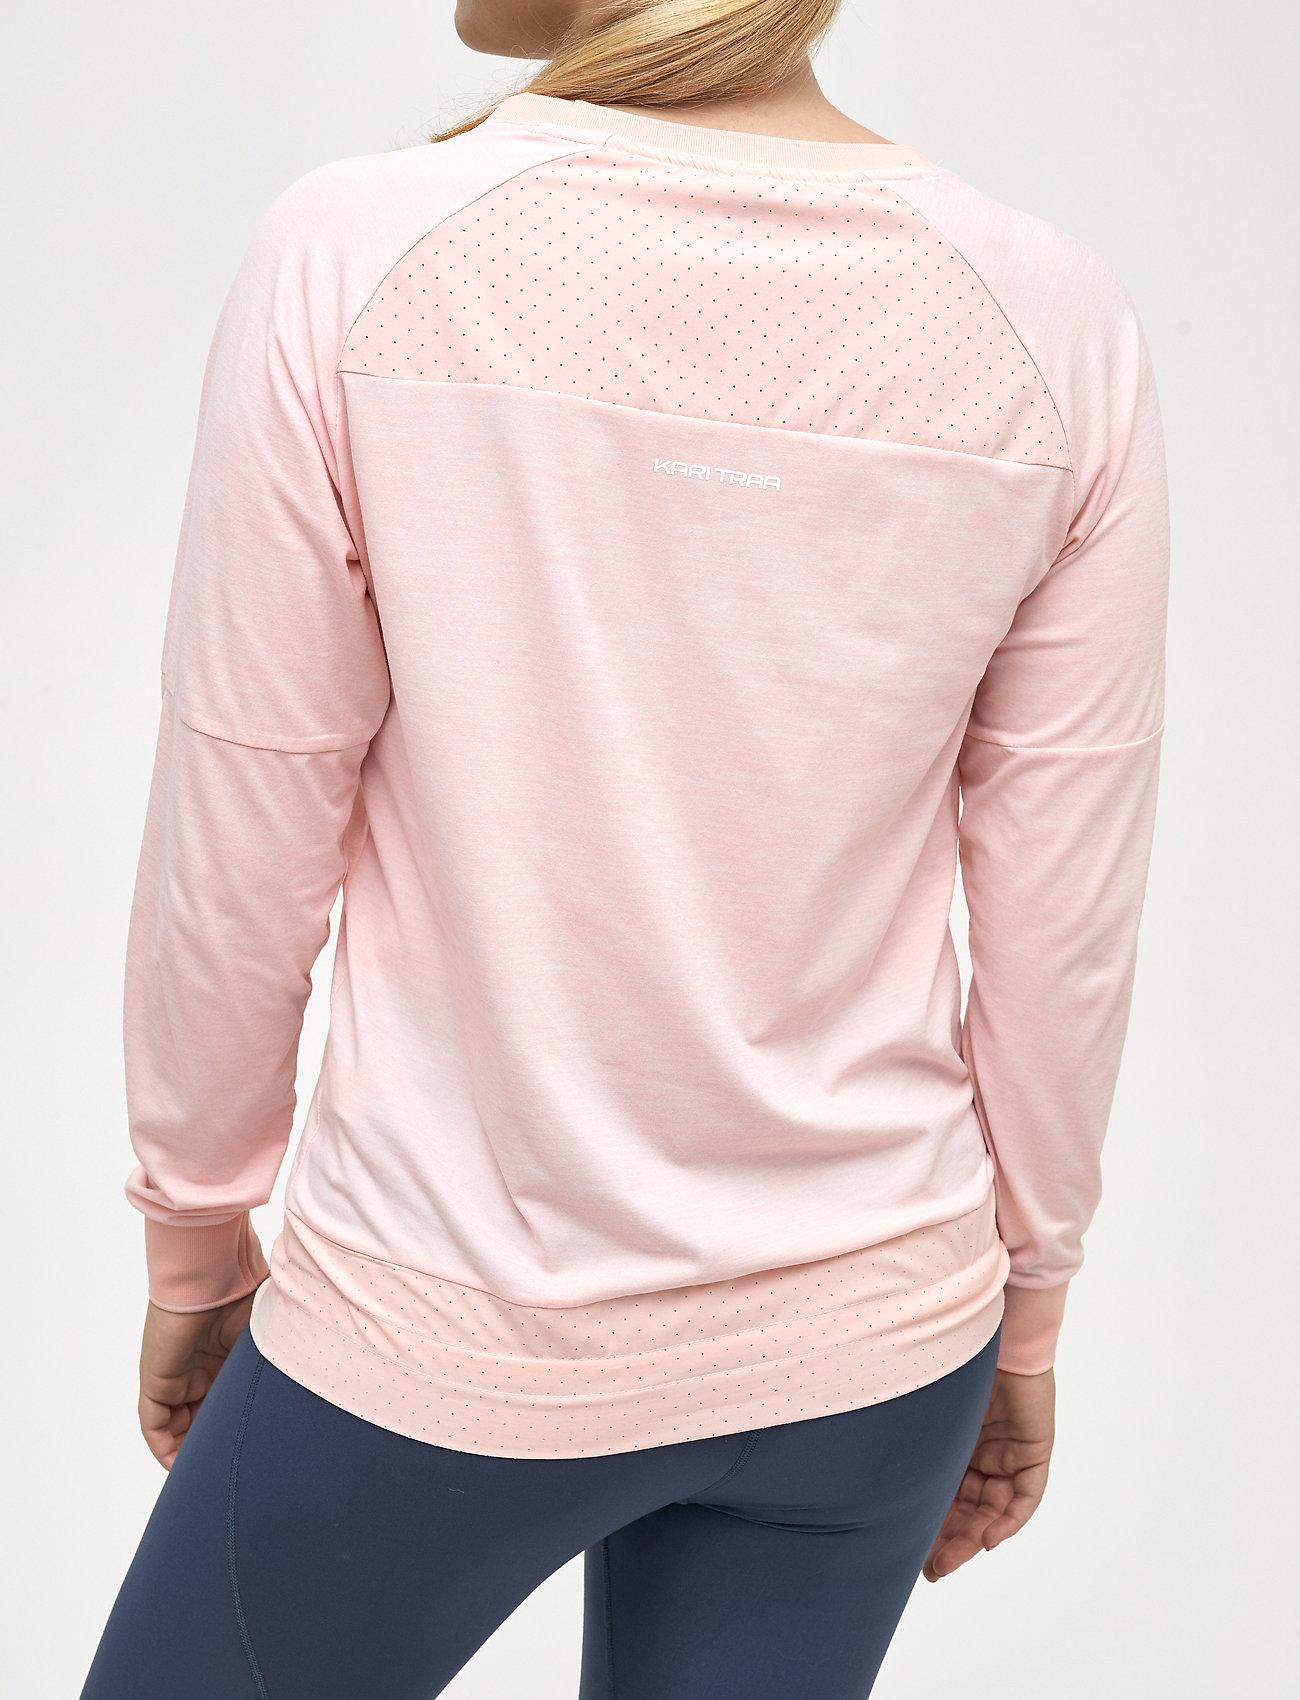 Kari Traa LINEA LS - T-shirts & Toppe FLUSH - Dametøj Særtilbud